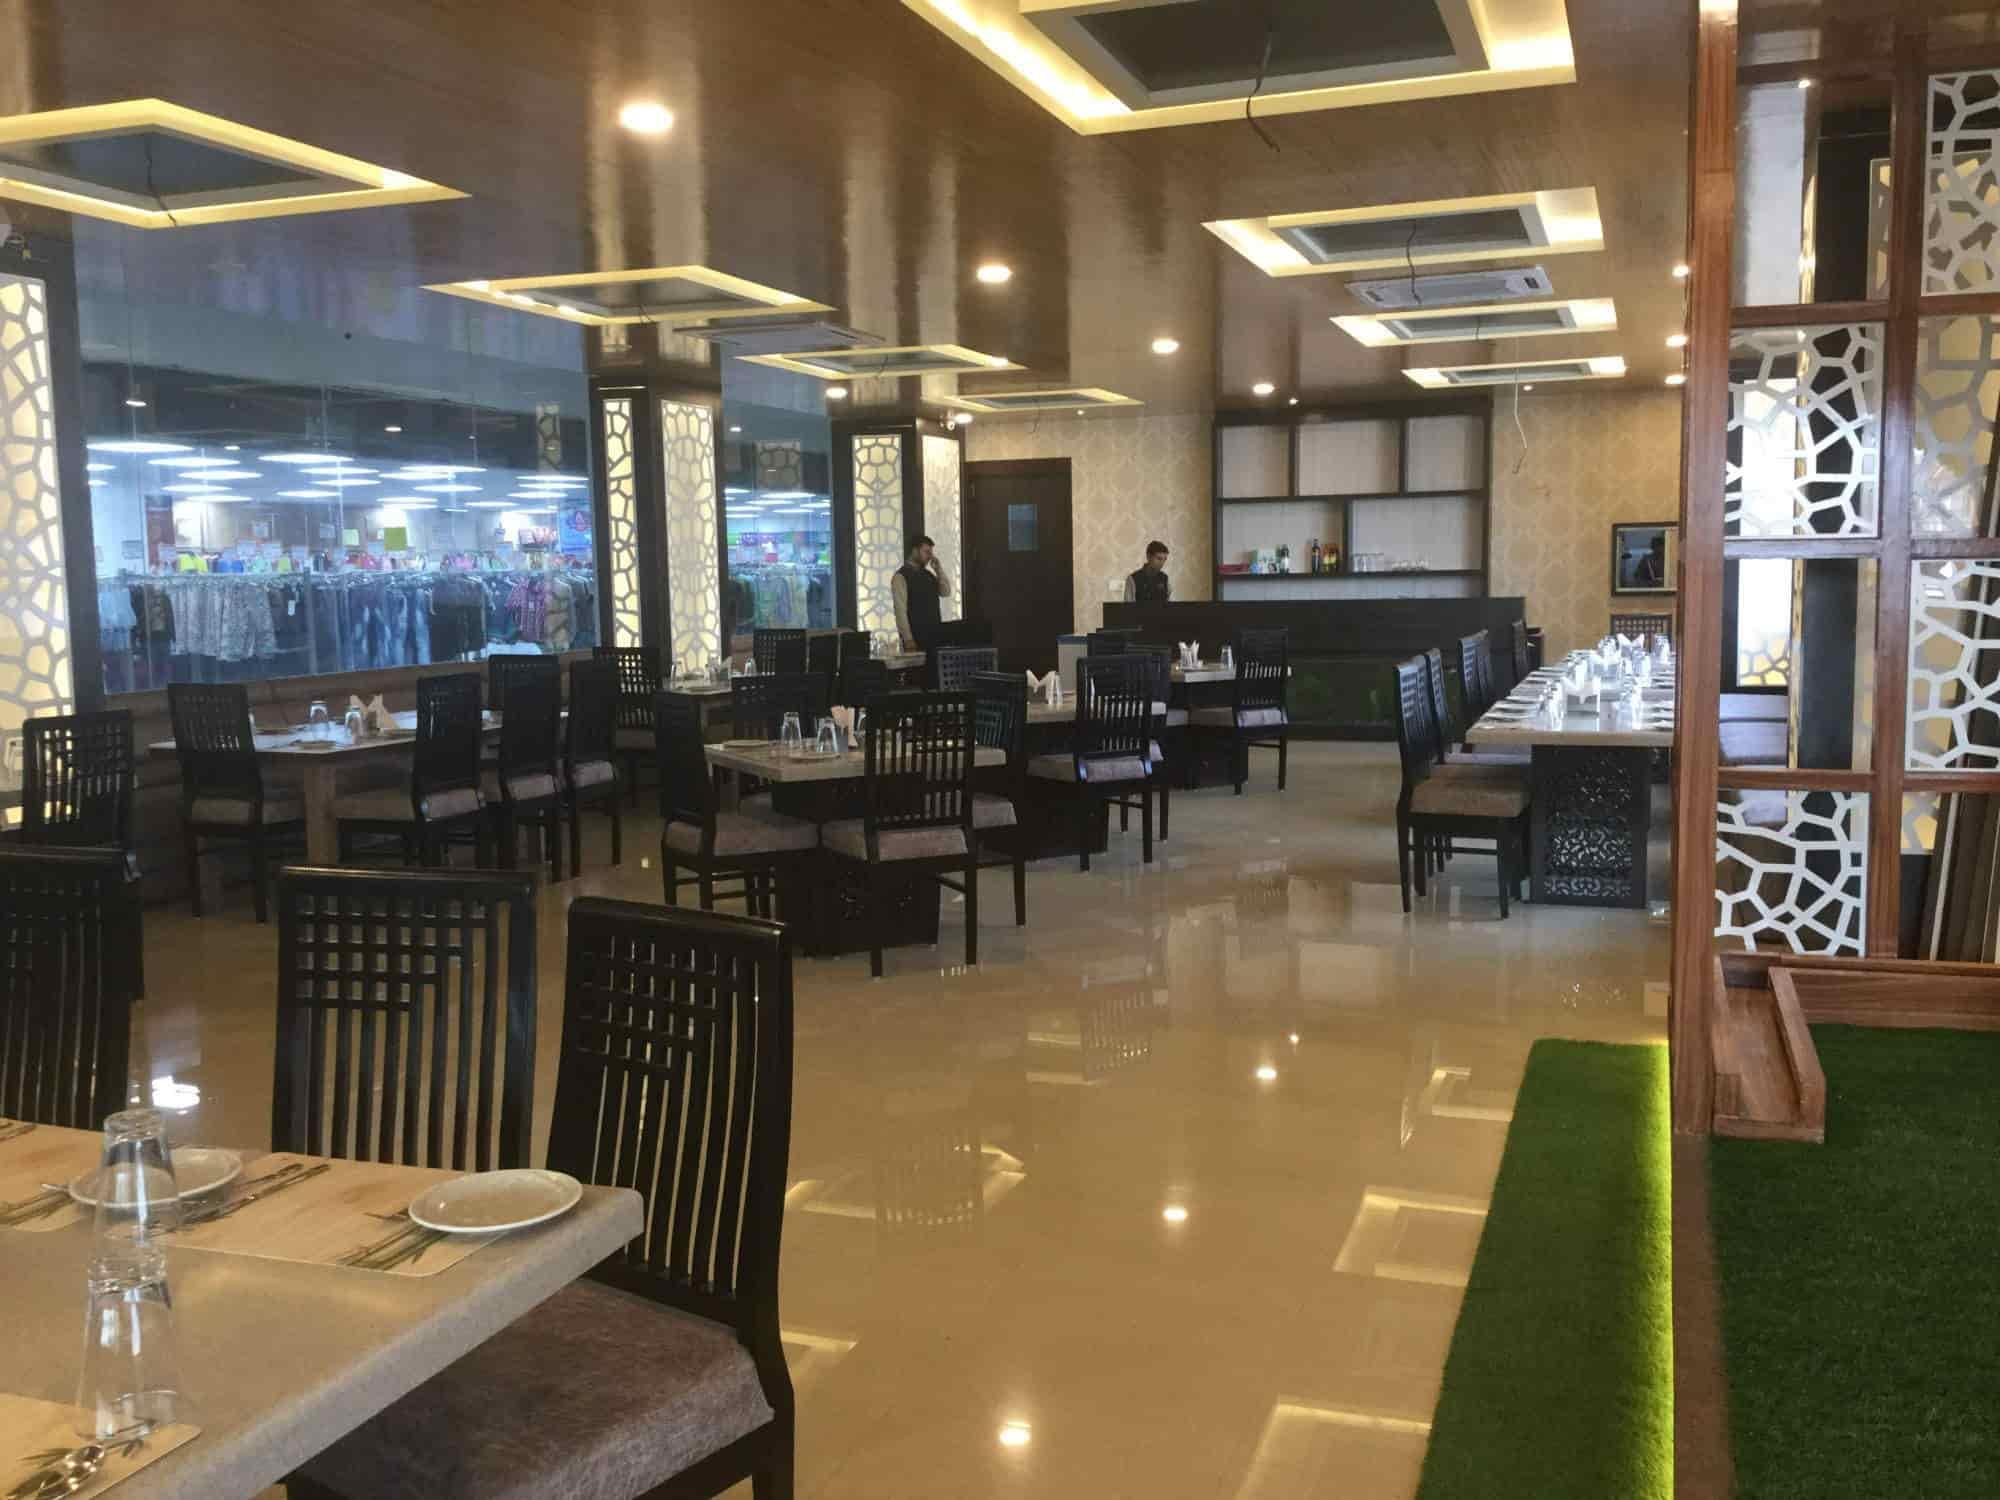 antique restaurant mohaddipur gorakhpur restaurants justdial